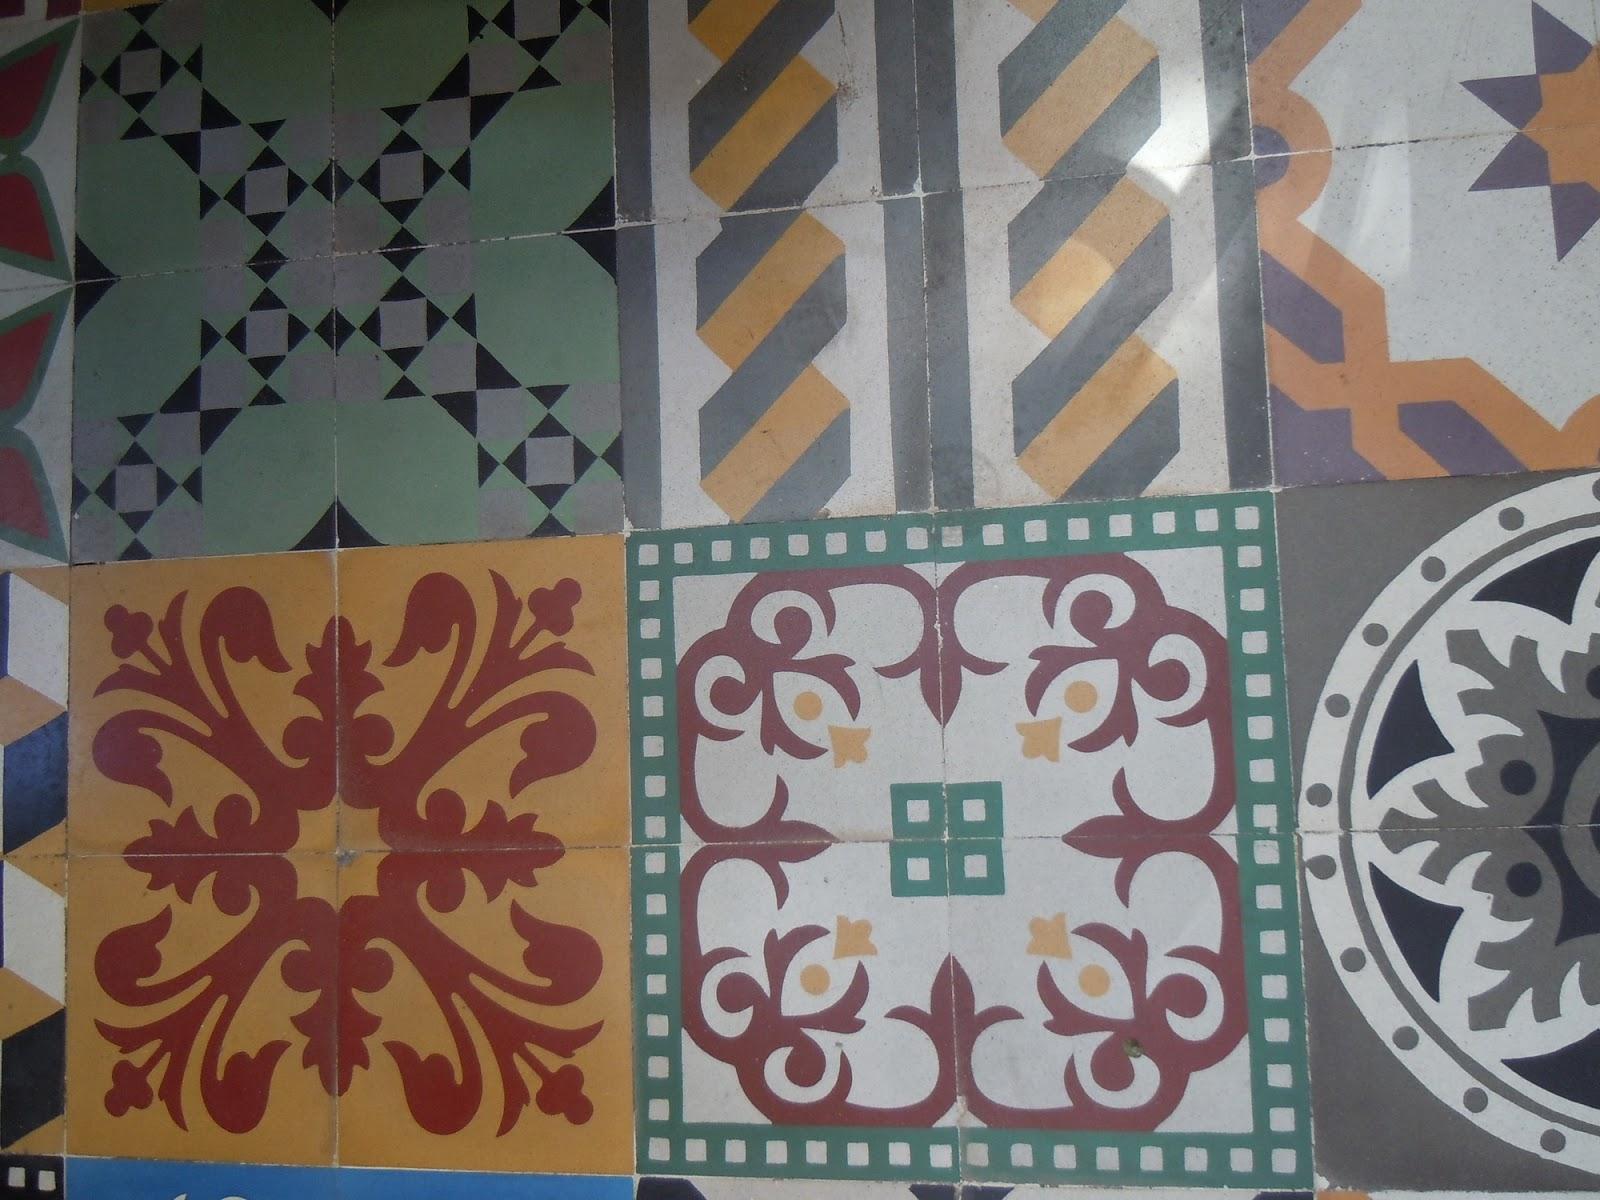 sans gluten beyrouth d coration murale clin d 39 oeil au carrelage l 39 ancienne de beyrouth. Black Bedroom Furniture Sets. Home Design Ideas